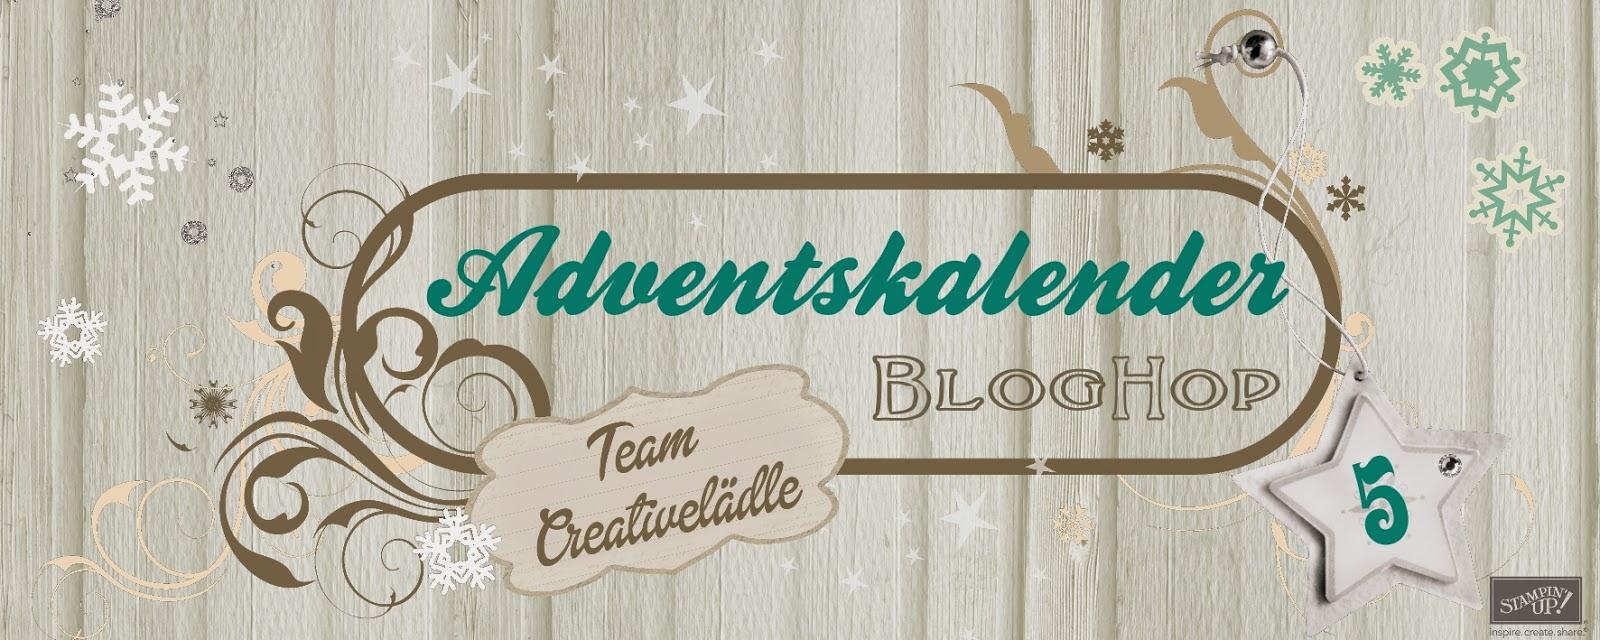 http://kartendesign.blogspot.com/2014/12/adventskalender-bloghop-tag-5.html